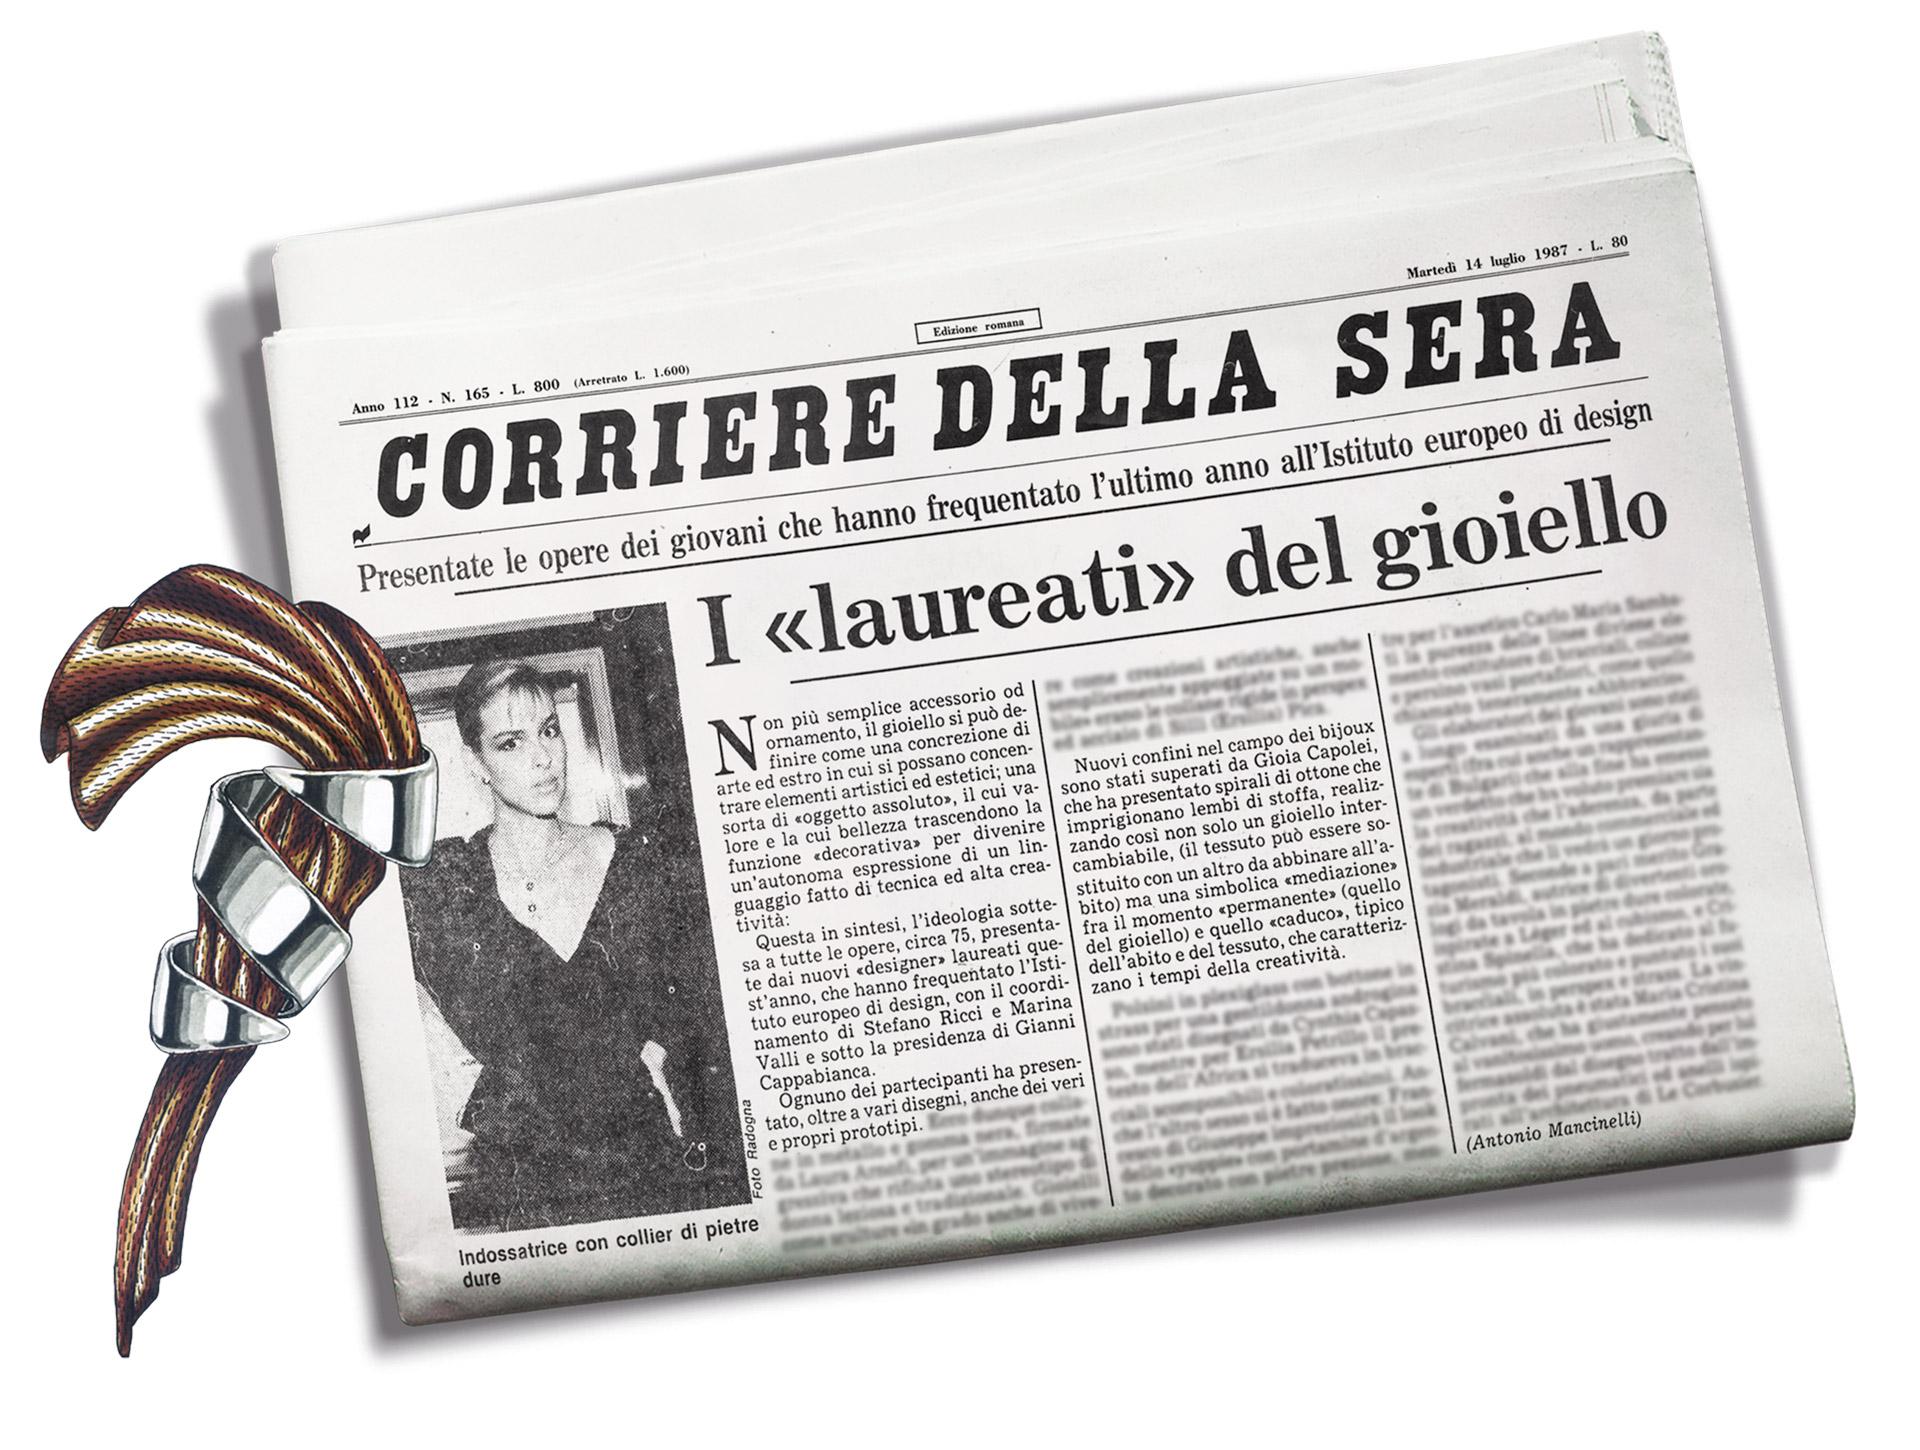 1987-07_Corriere-della-sera_Mockup-blur